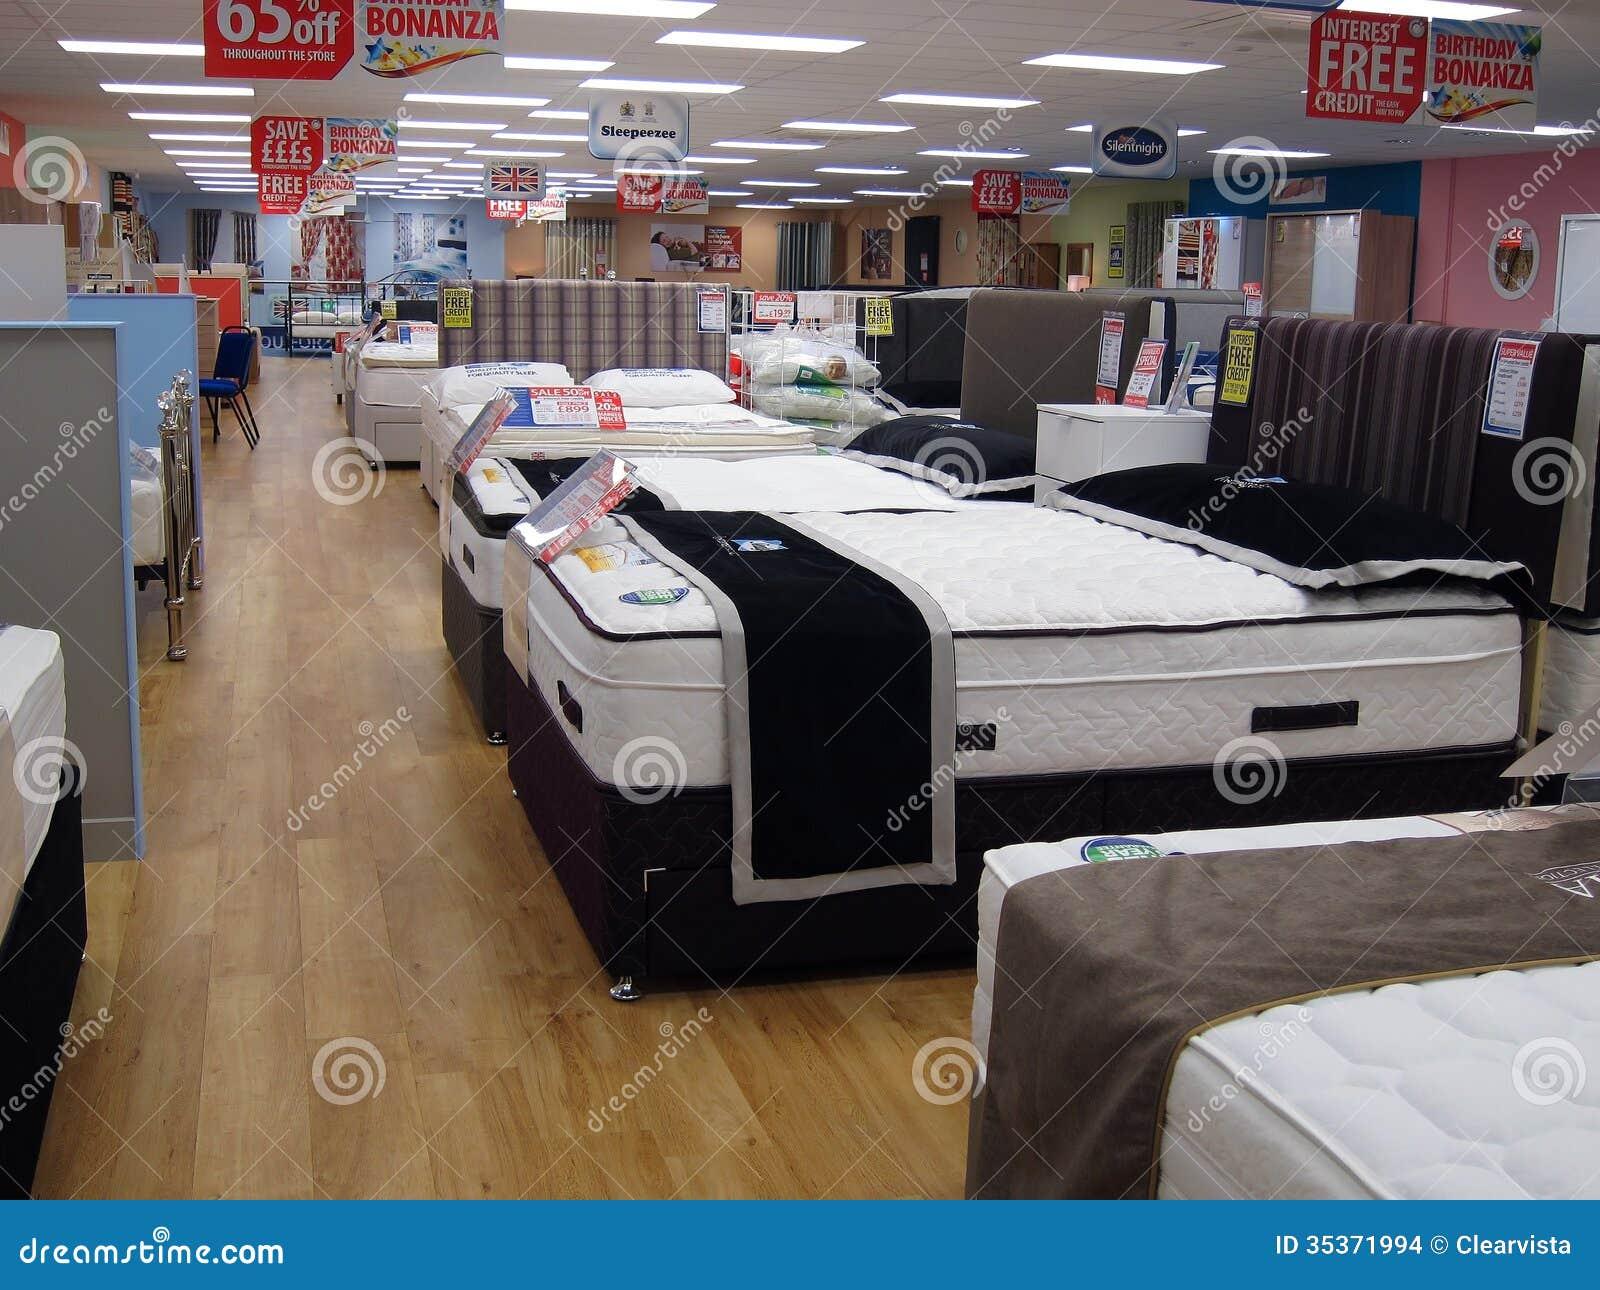 Camas en la exhibici n para la venta en una tienda imagen for Almacenes de camas en ibague